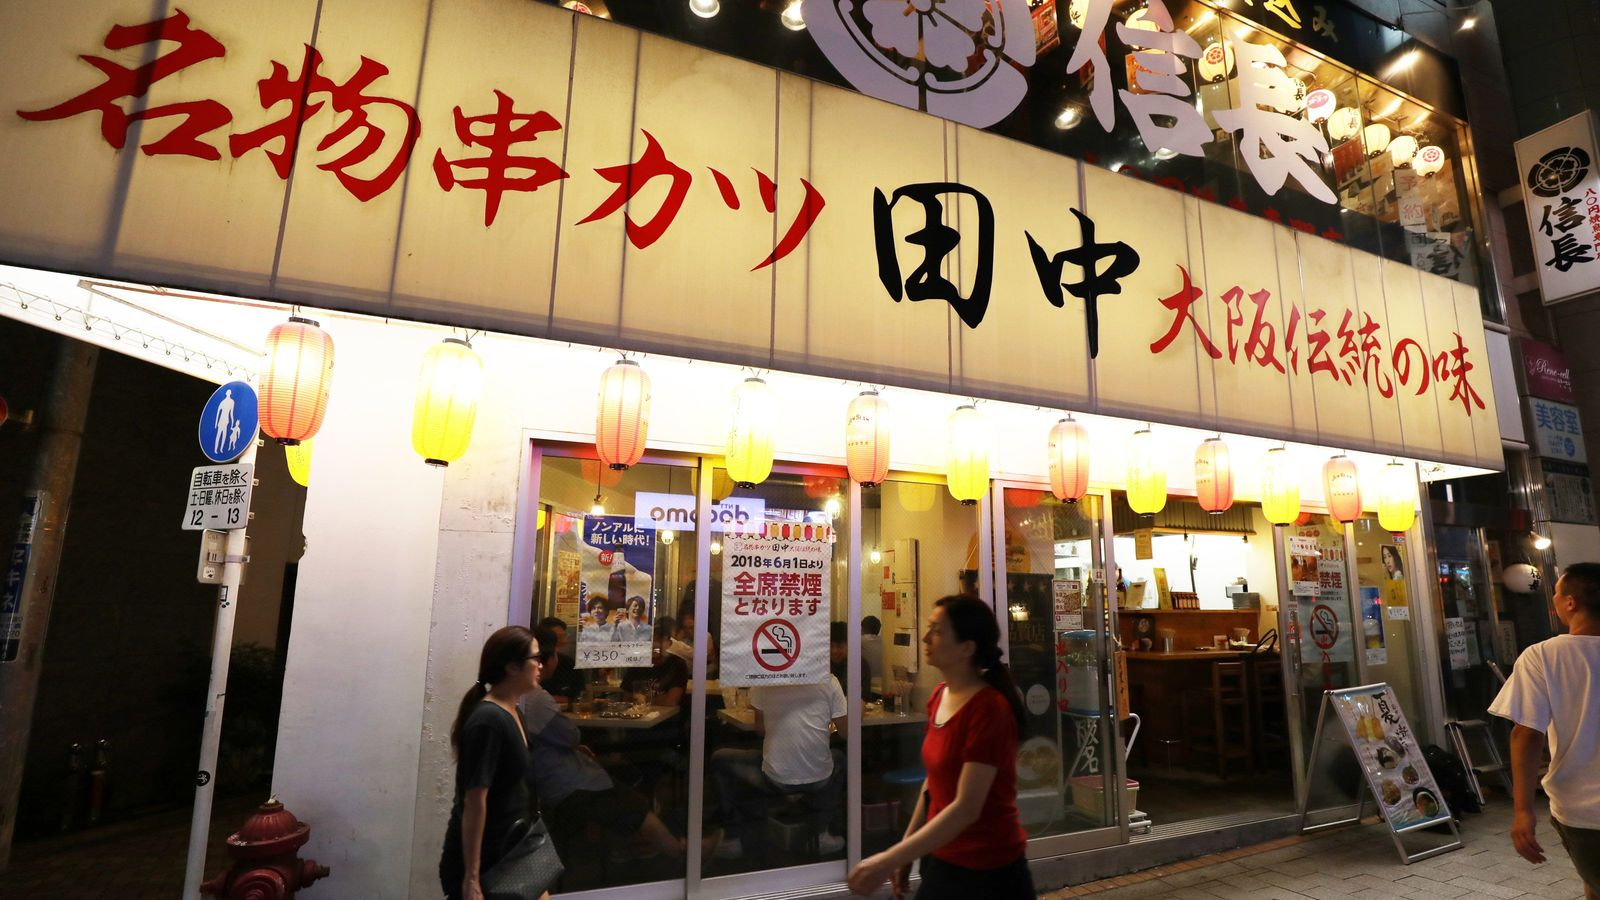 串カツ田中は「全席禁煙」方針転換を図るのか 既存店売上高は9カ月連続前年割れ